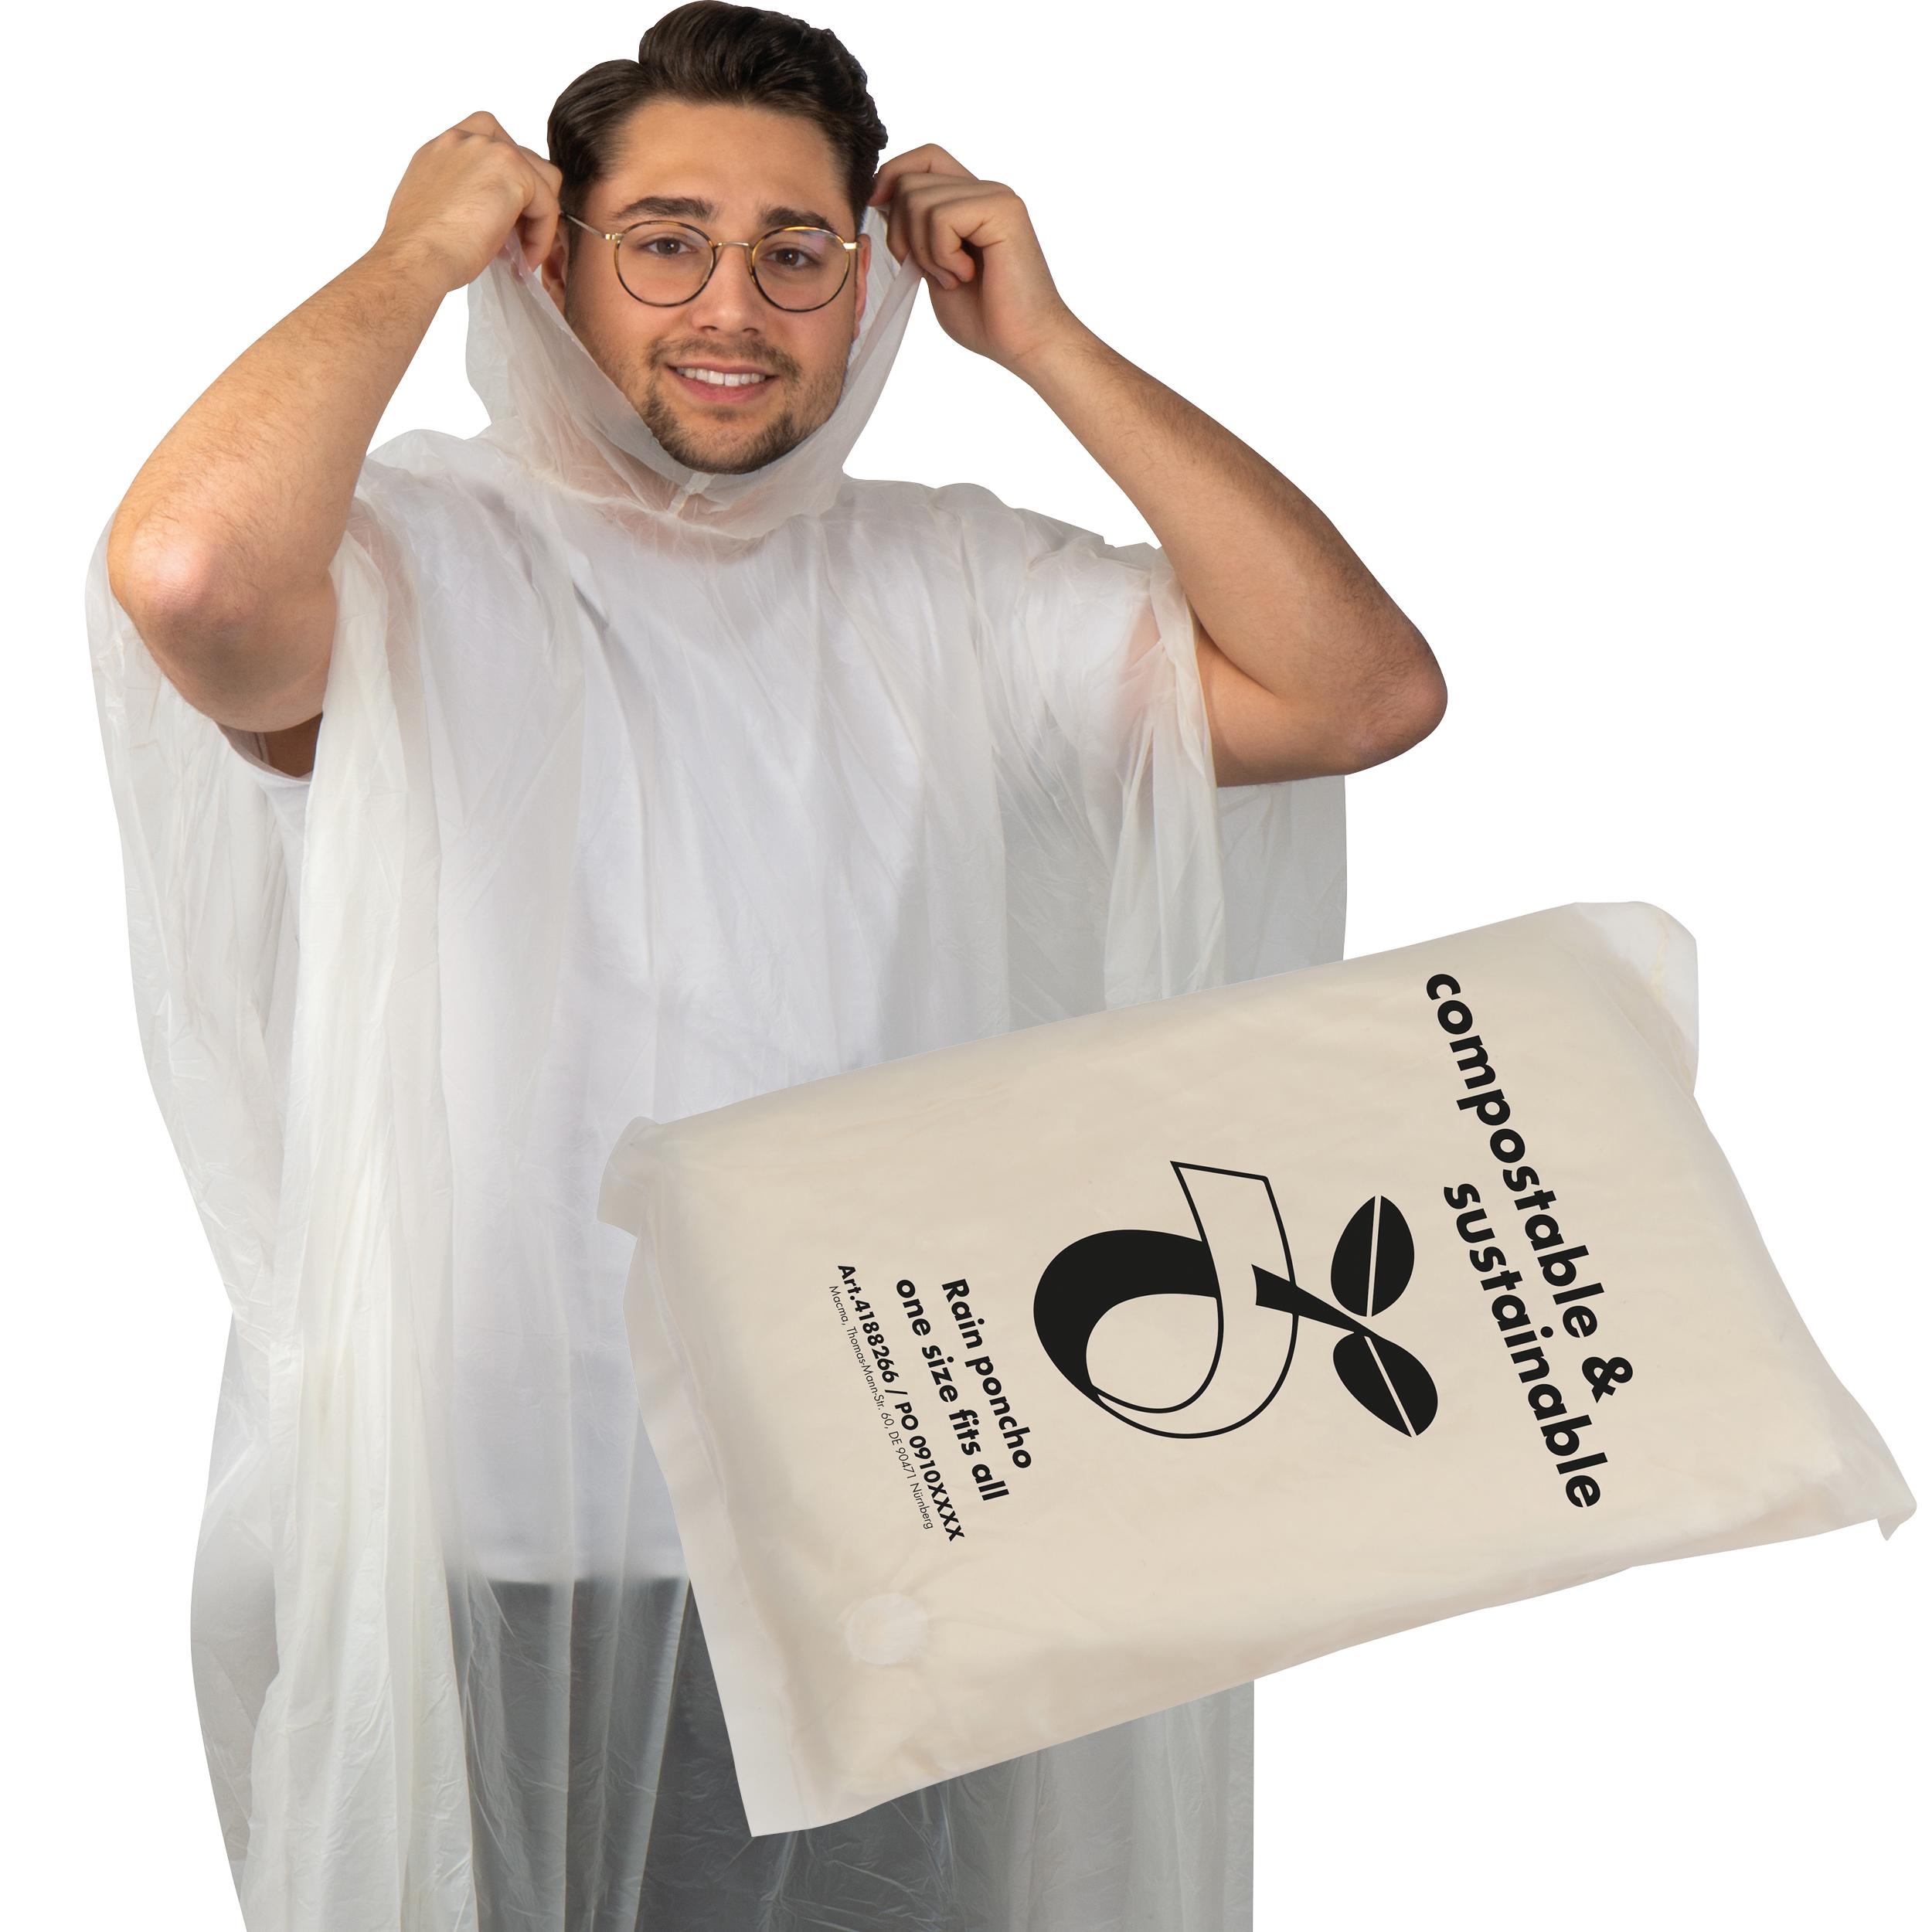 Regenponcho aus PLA in einer Tragetasche - kompostierbar